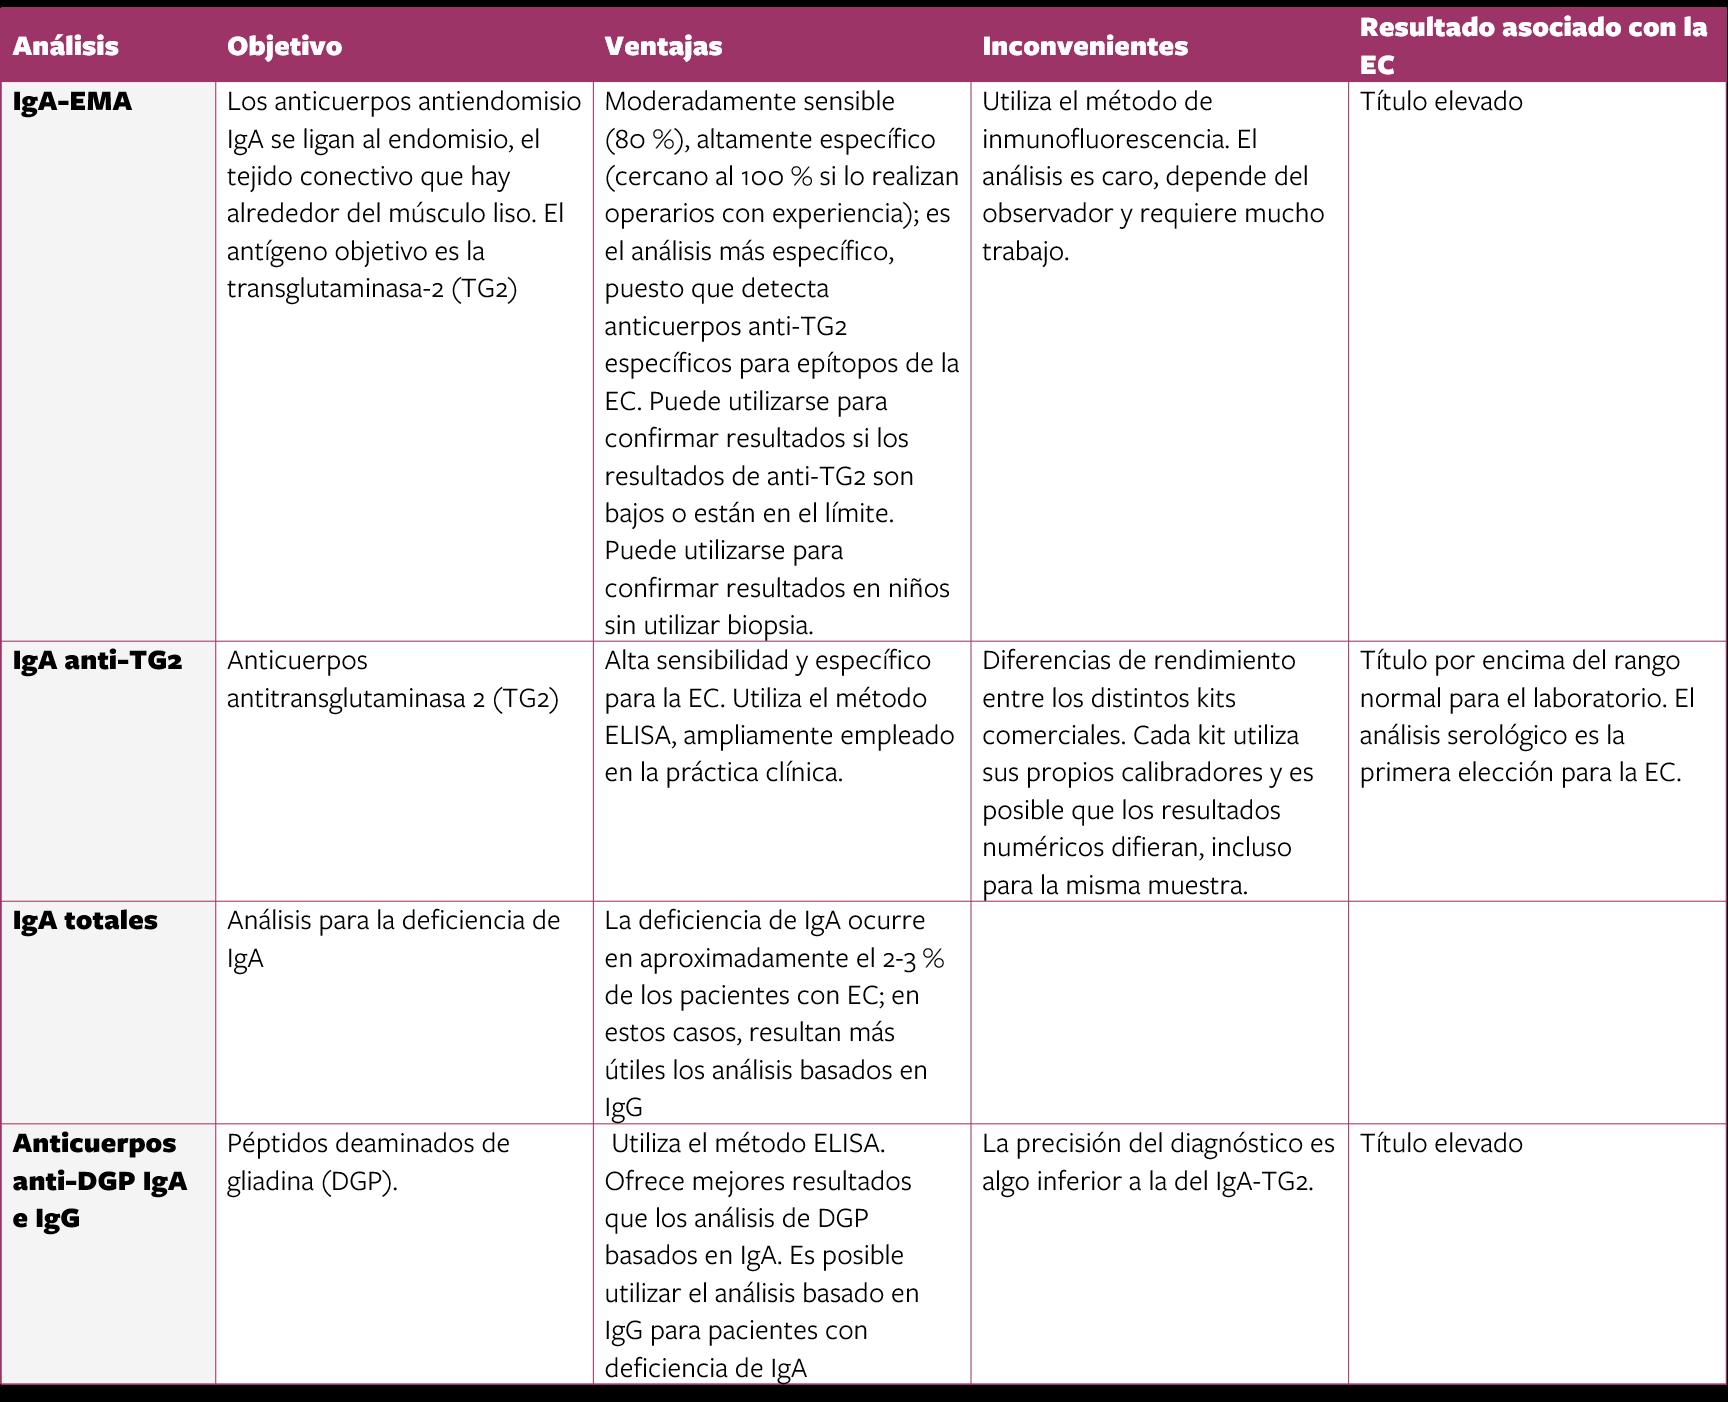 Table de Análisis serológicos para EC1